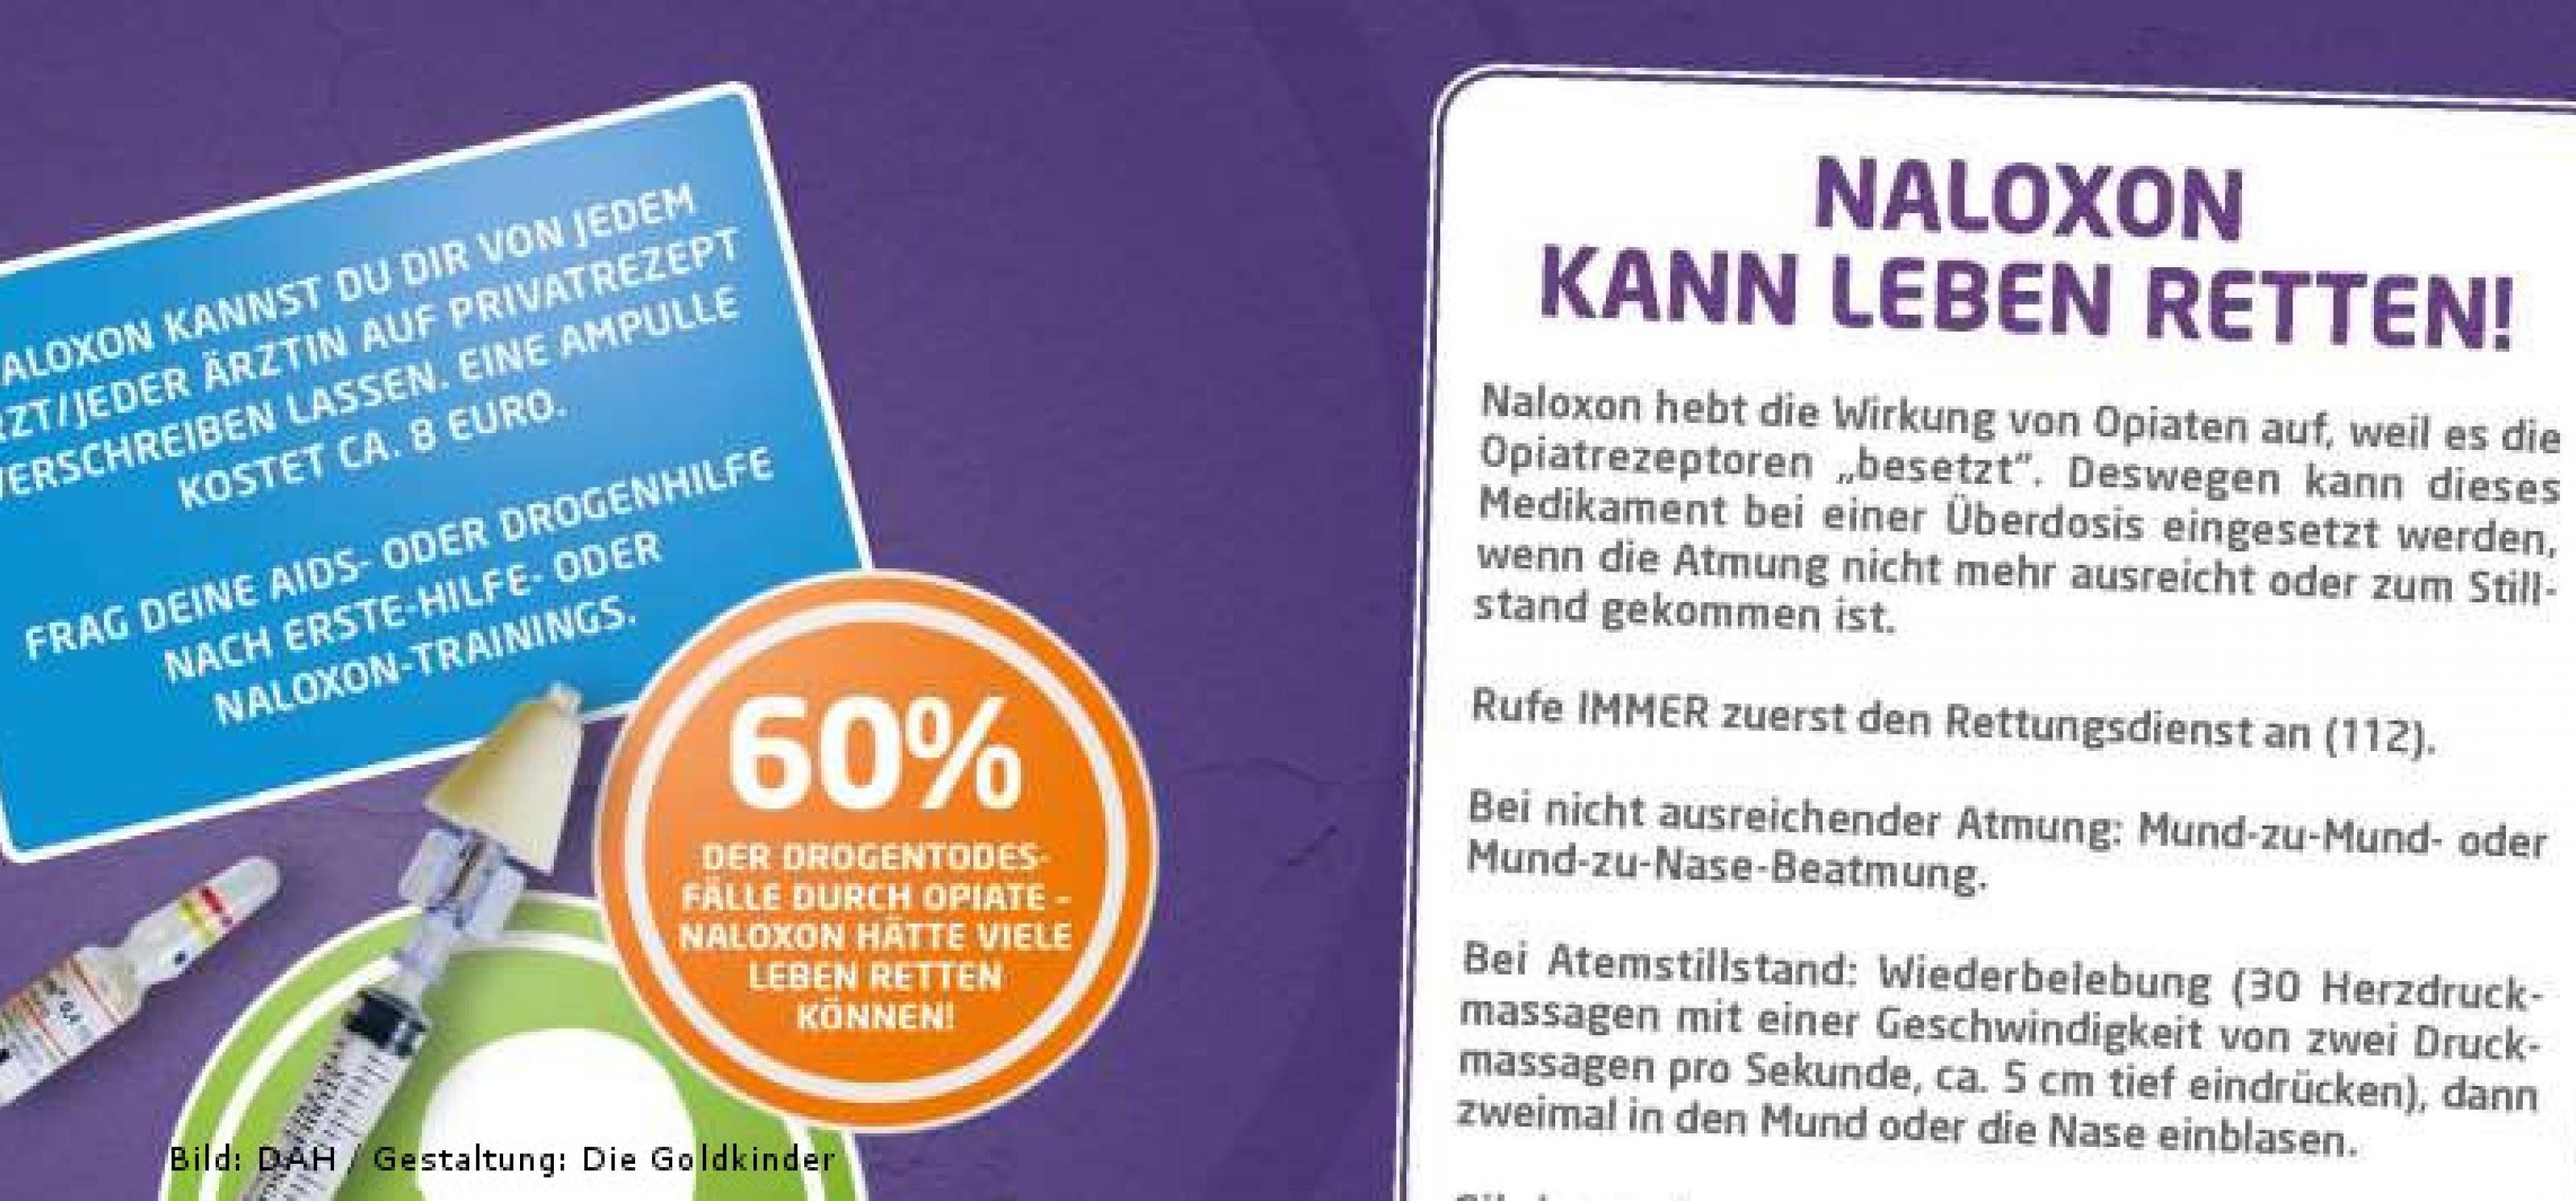 Naloxon in Bayern